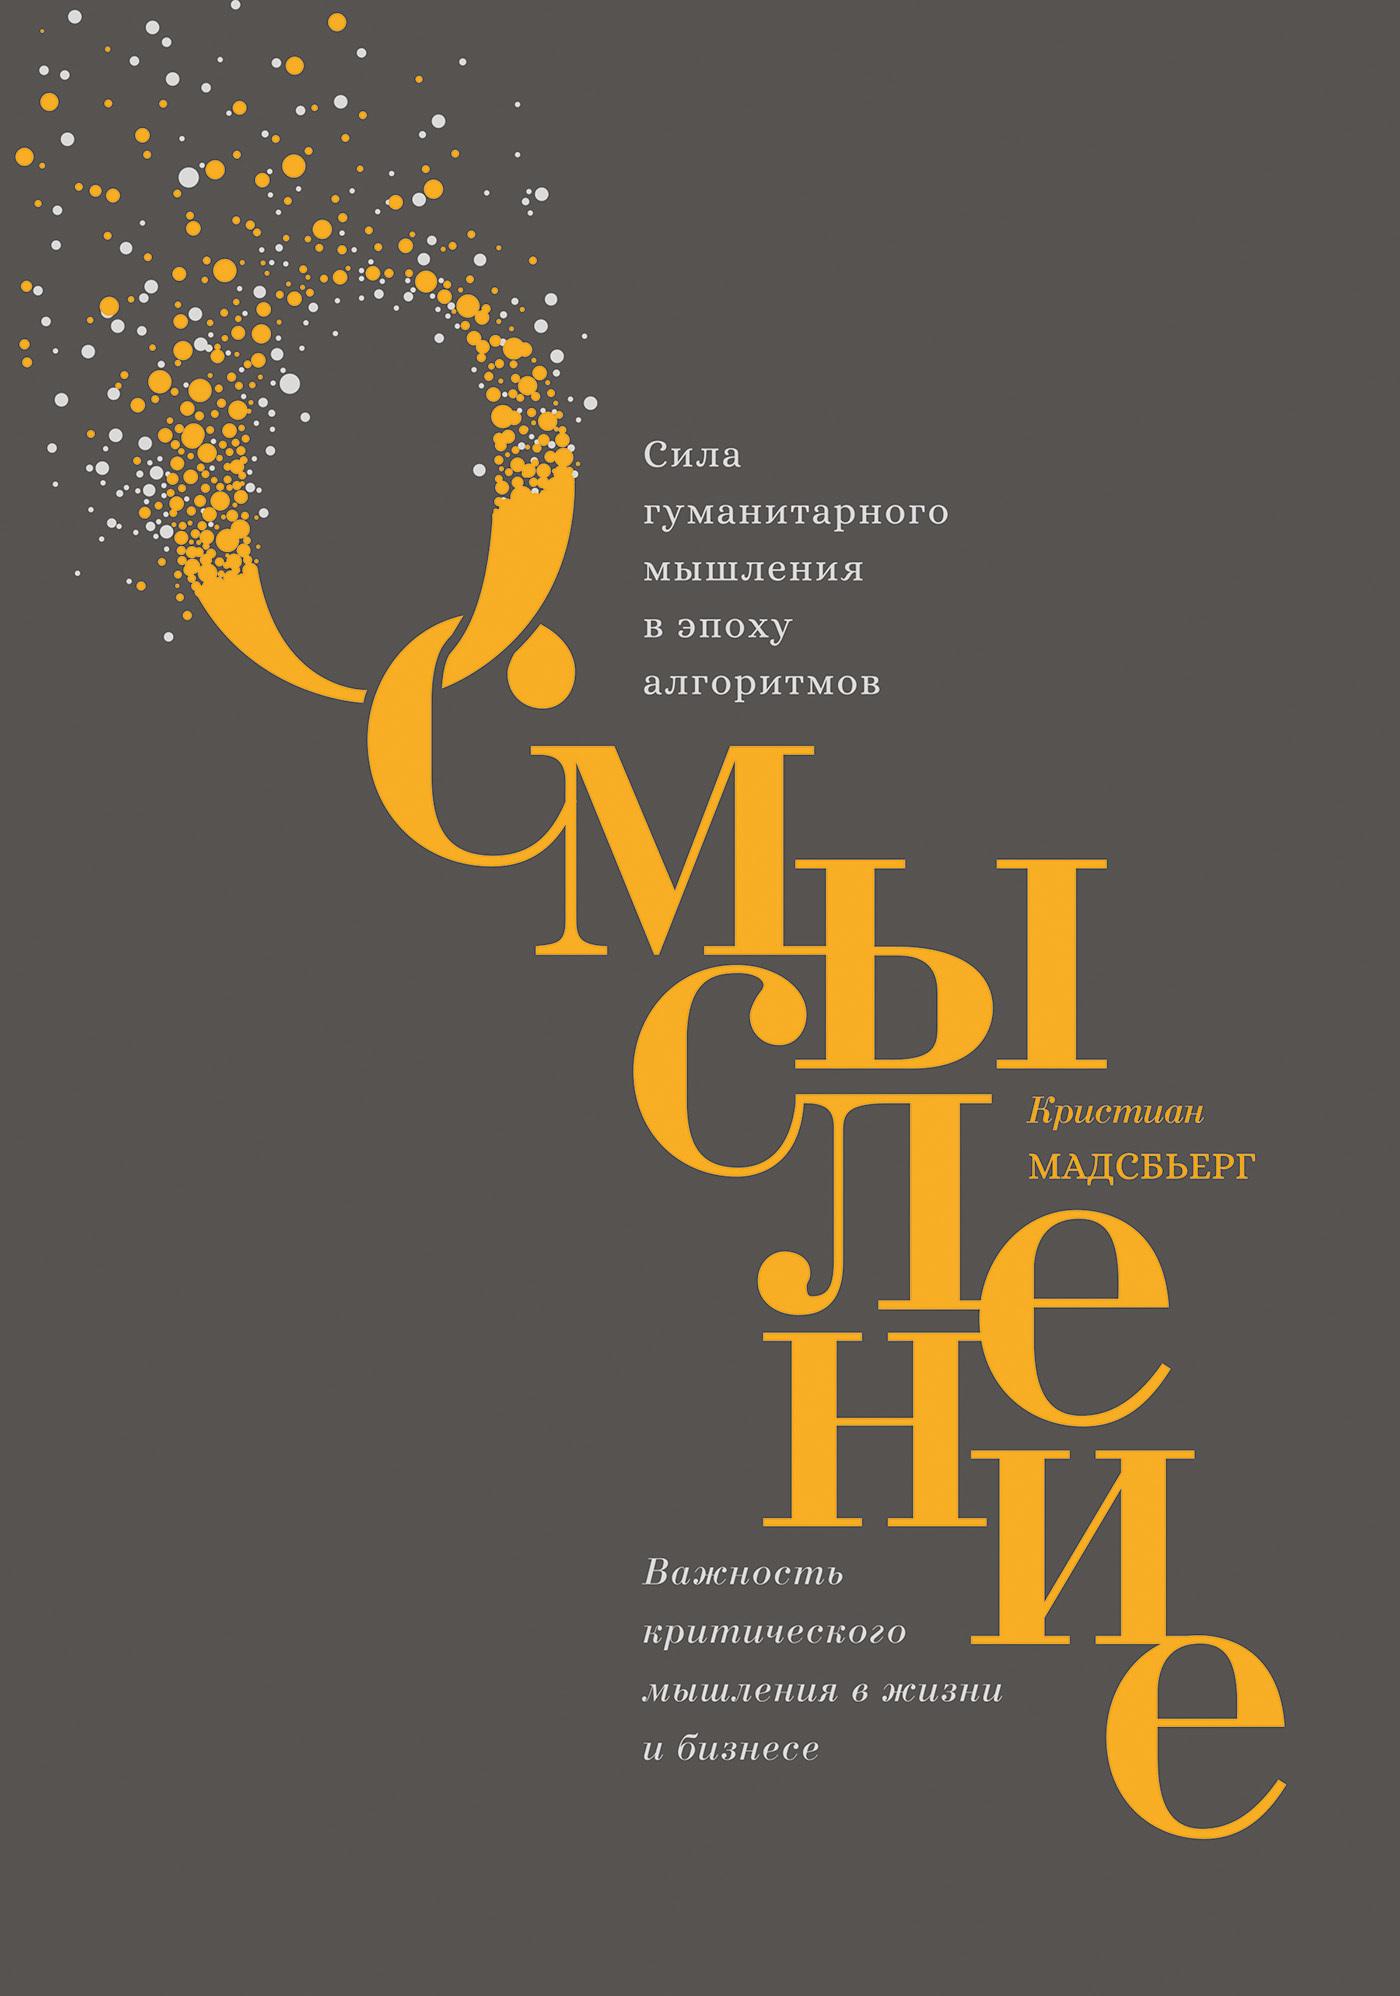 Обложка книги Осмысление. Сила гуманитарного мышления в эпоху алгоритмов